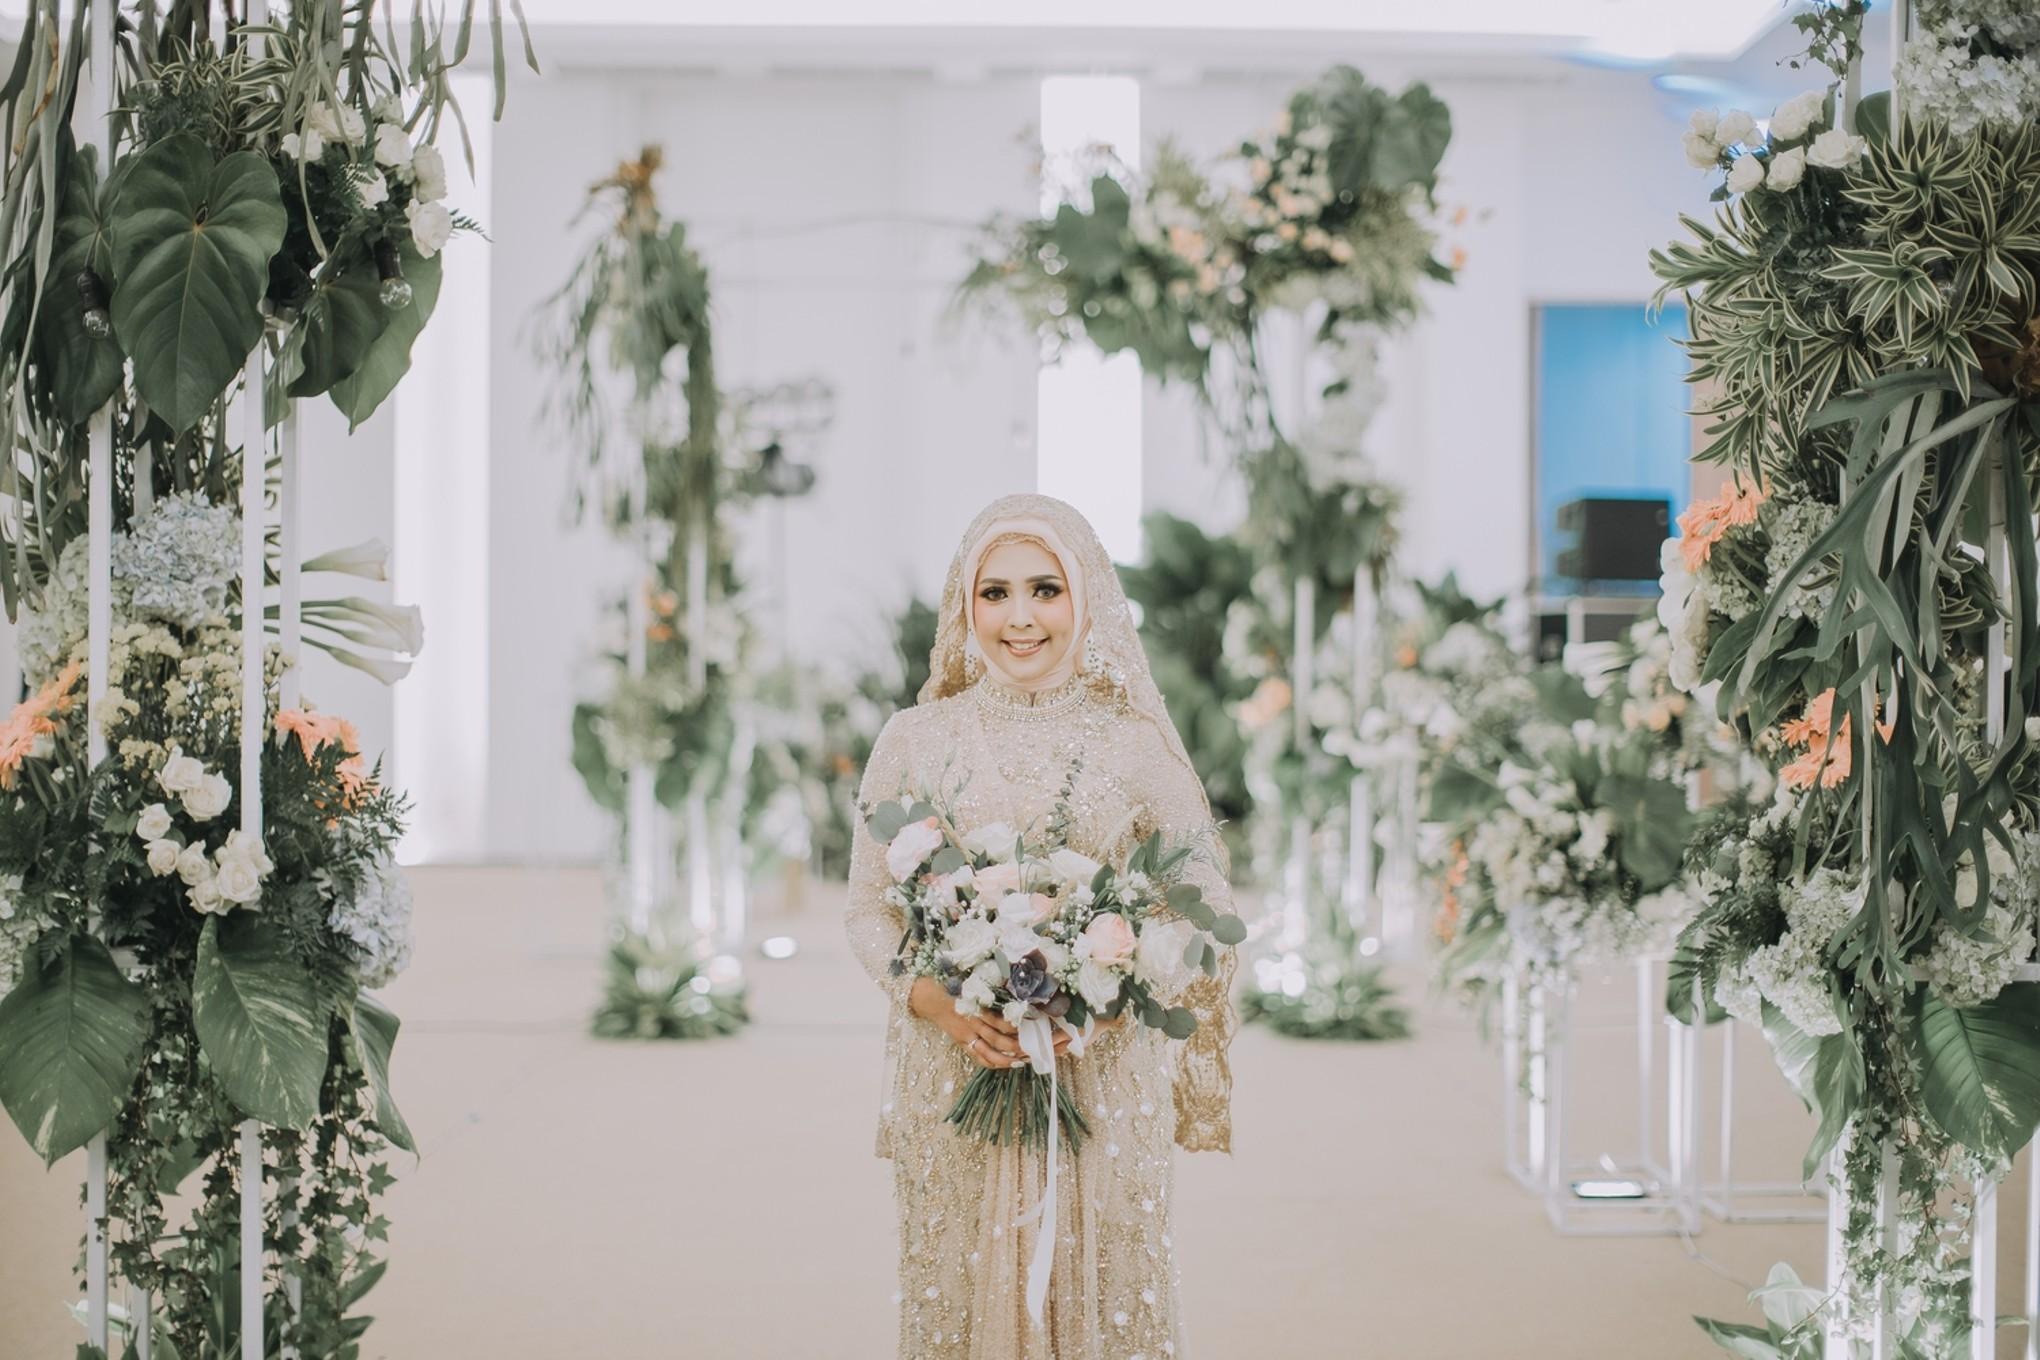 25 Stylish And Bold Halloween Wedding Bouquets Weddingomania